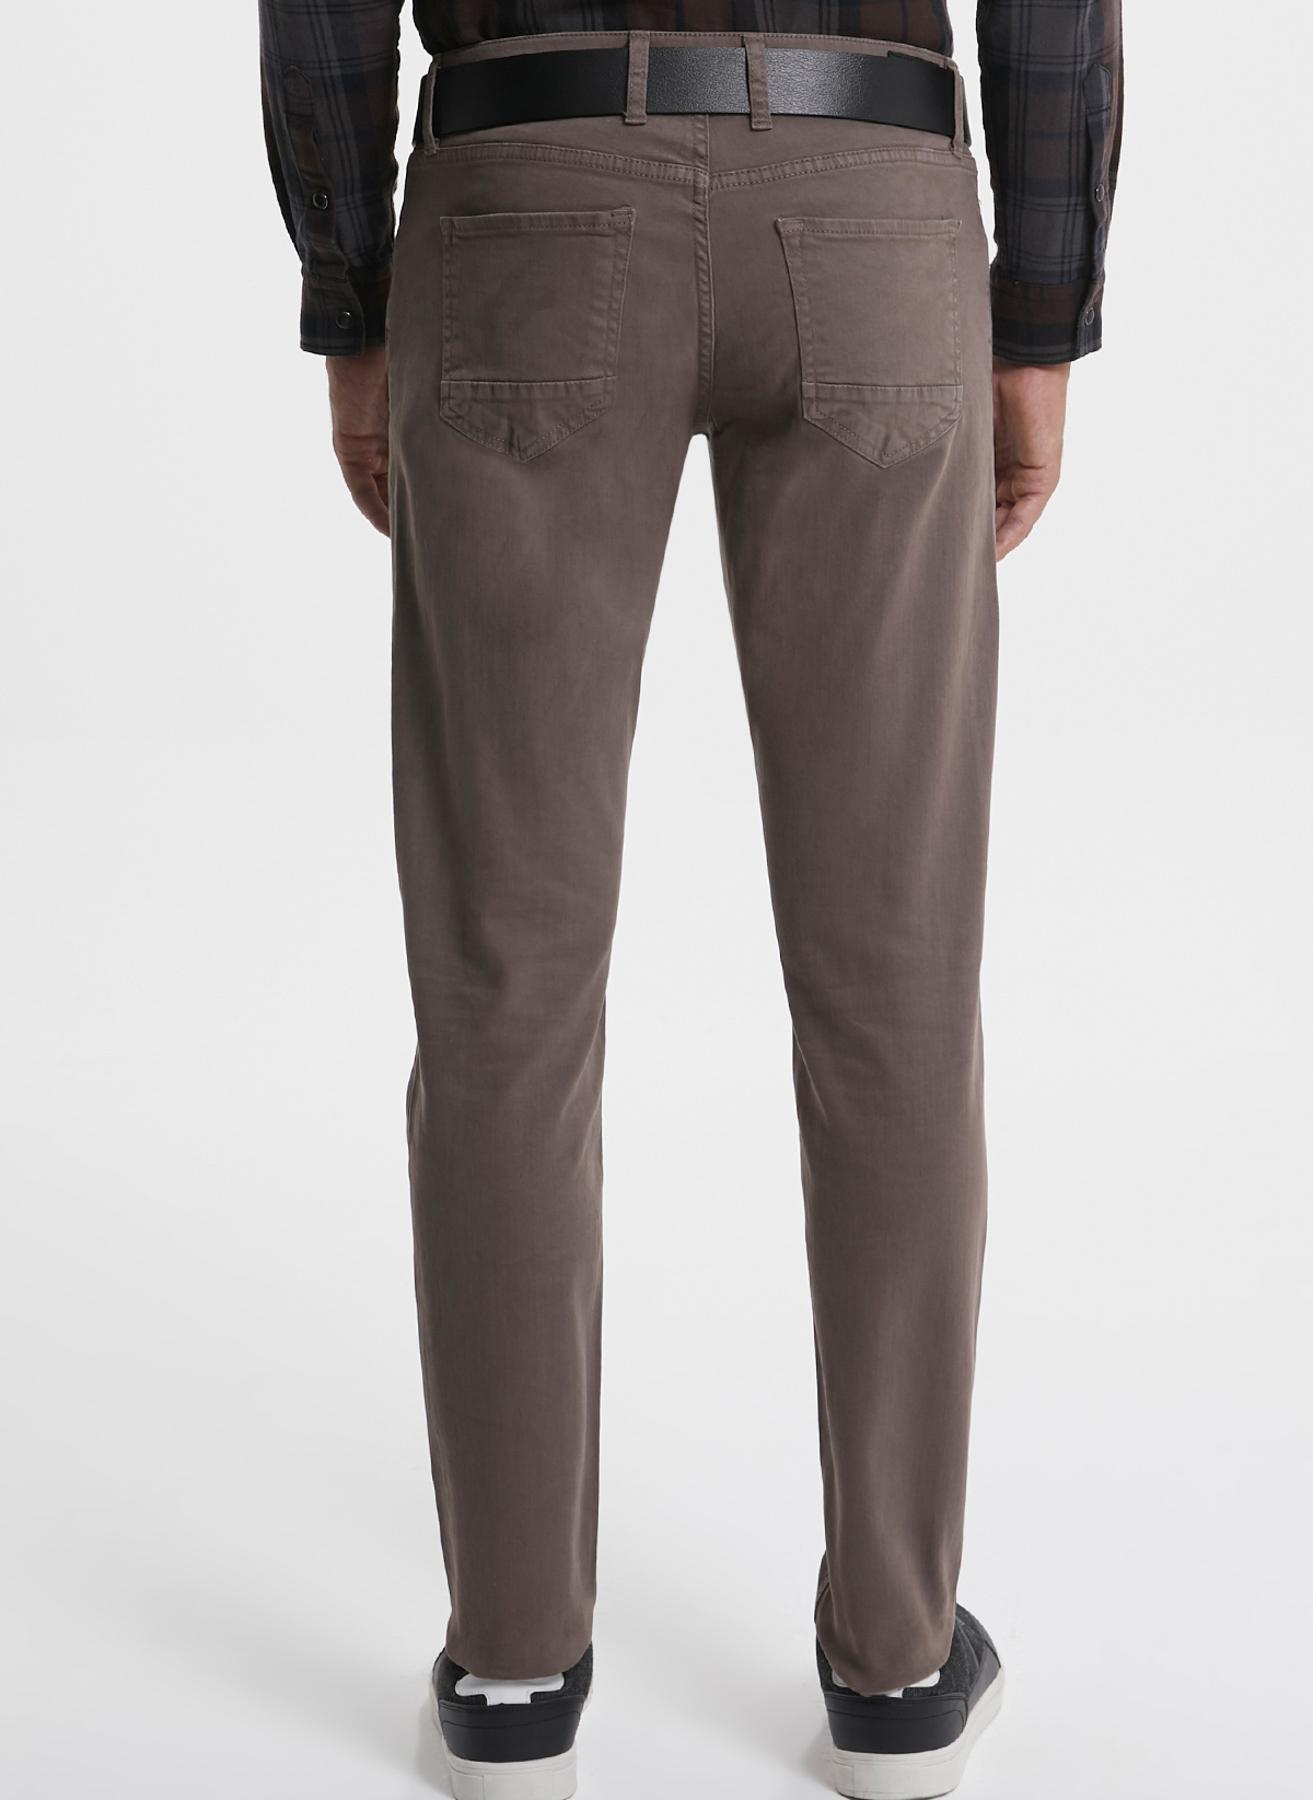 Loft Düşük Bel Taş Rengi Klasik Pantolon 31-30 5001733865005 Ürün Resmi